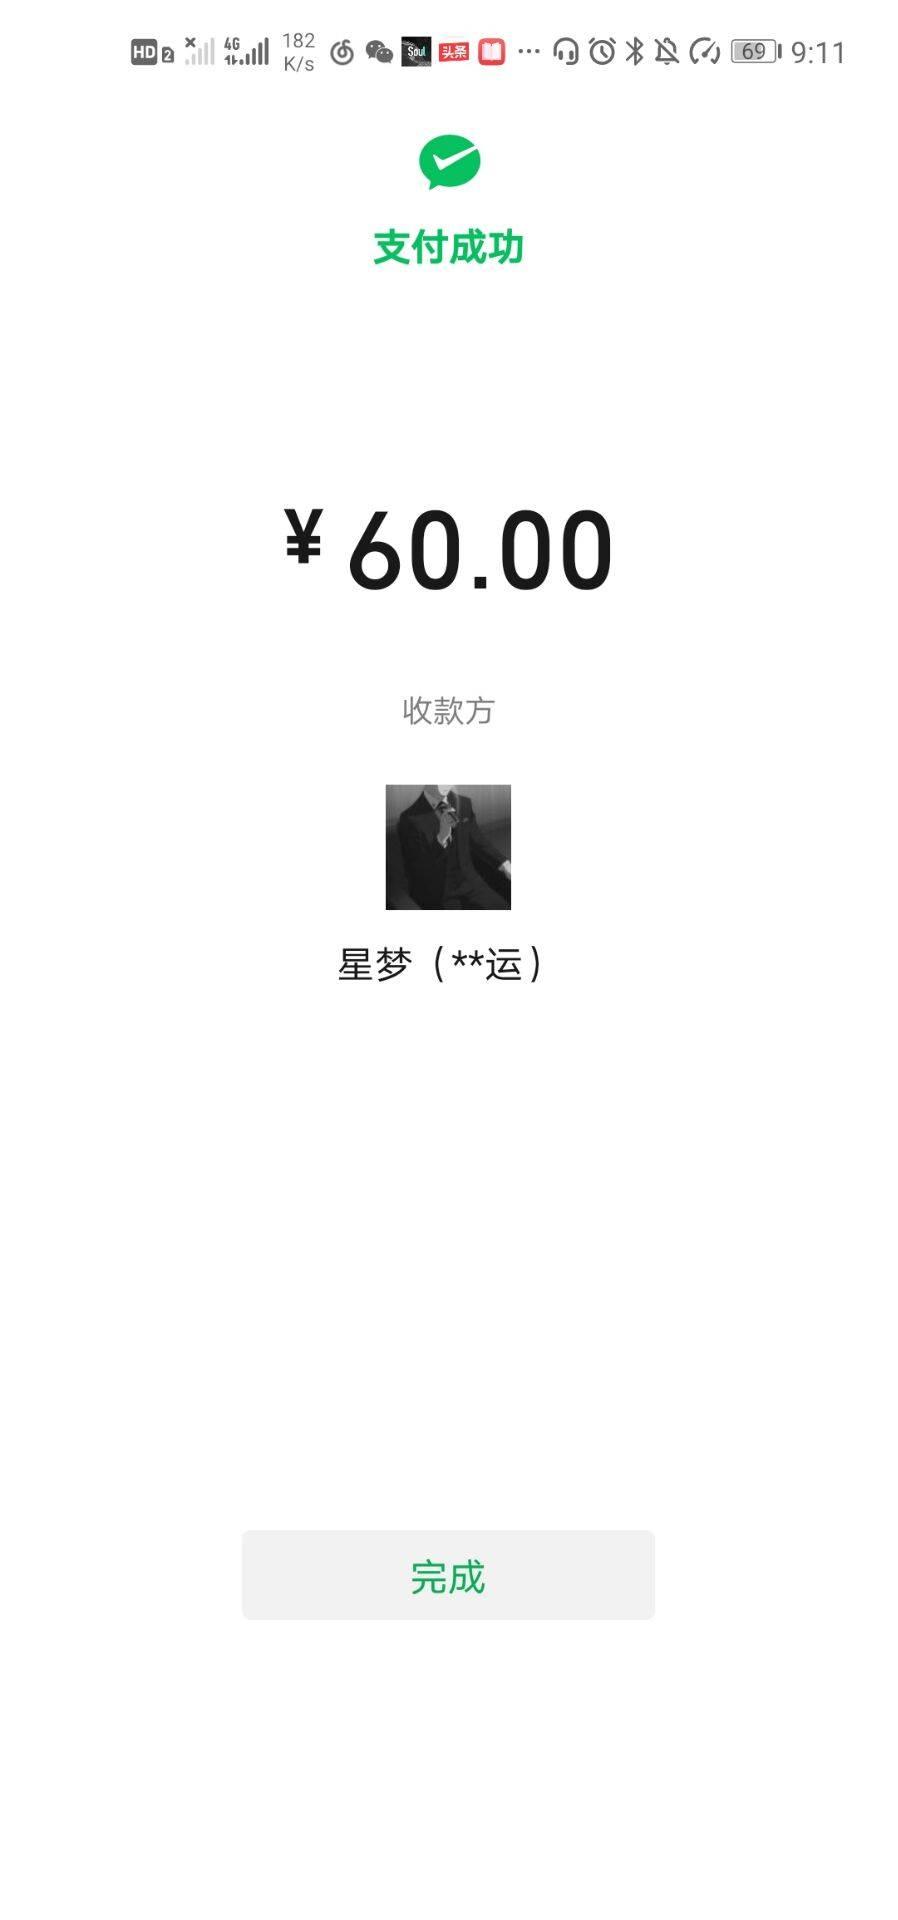 骗子QQ2773843936(骗60块)  第3张